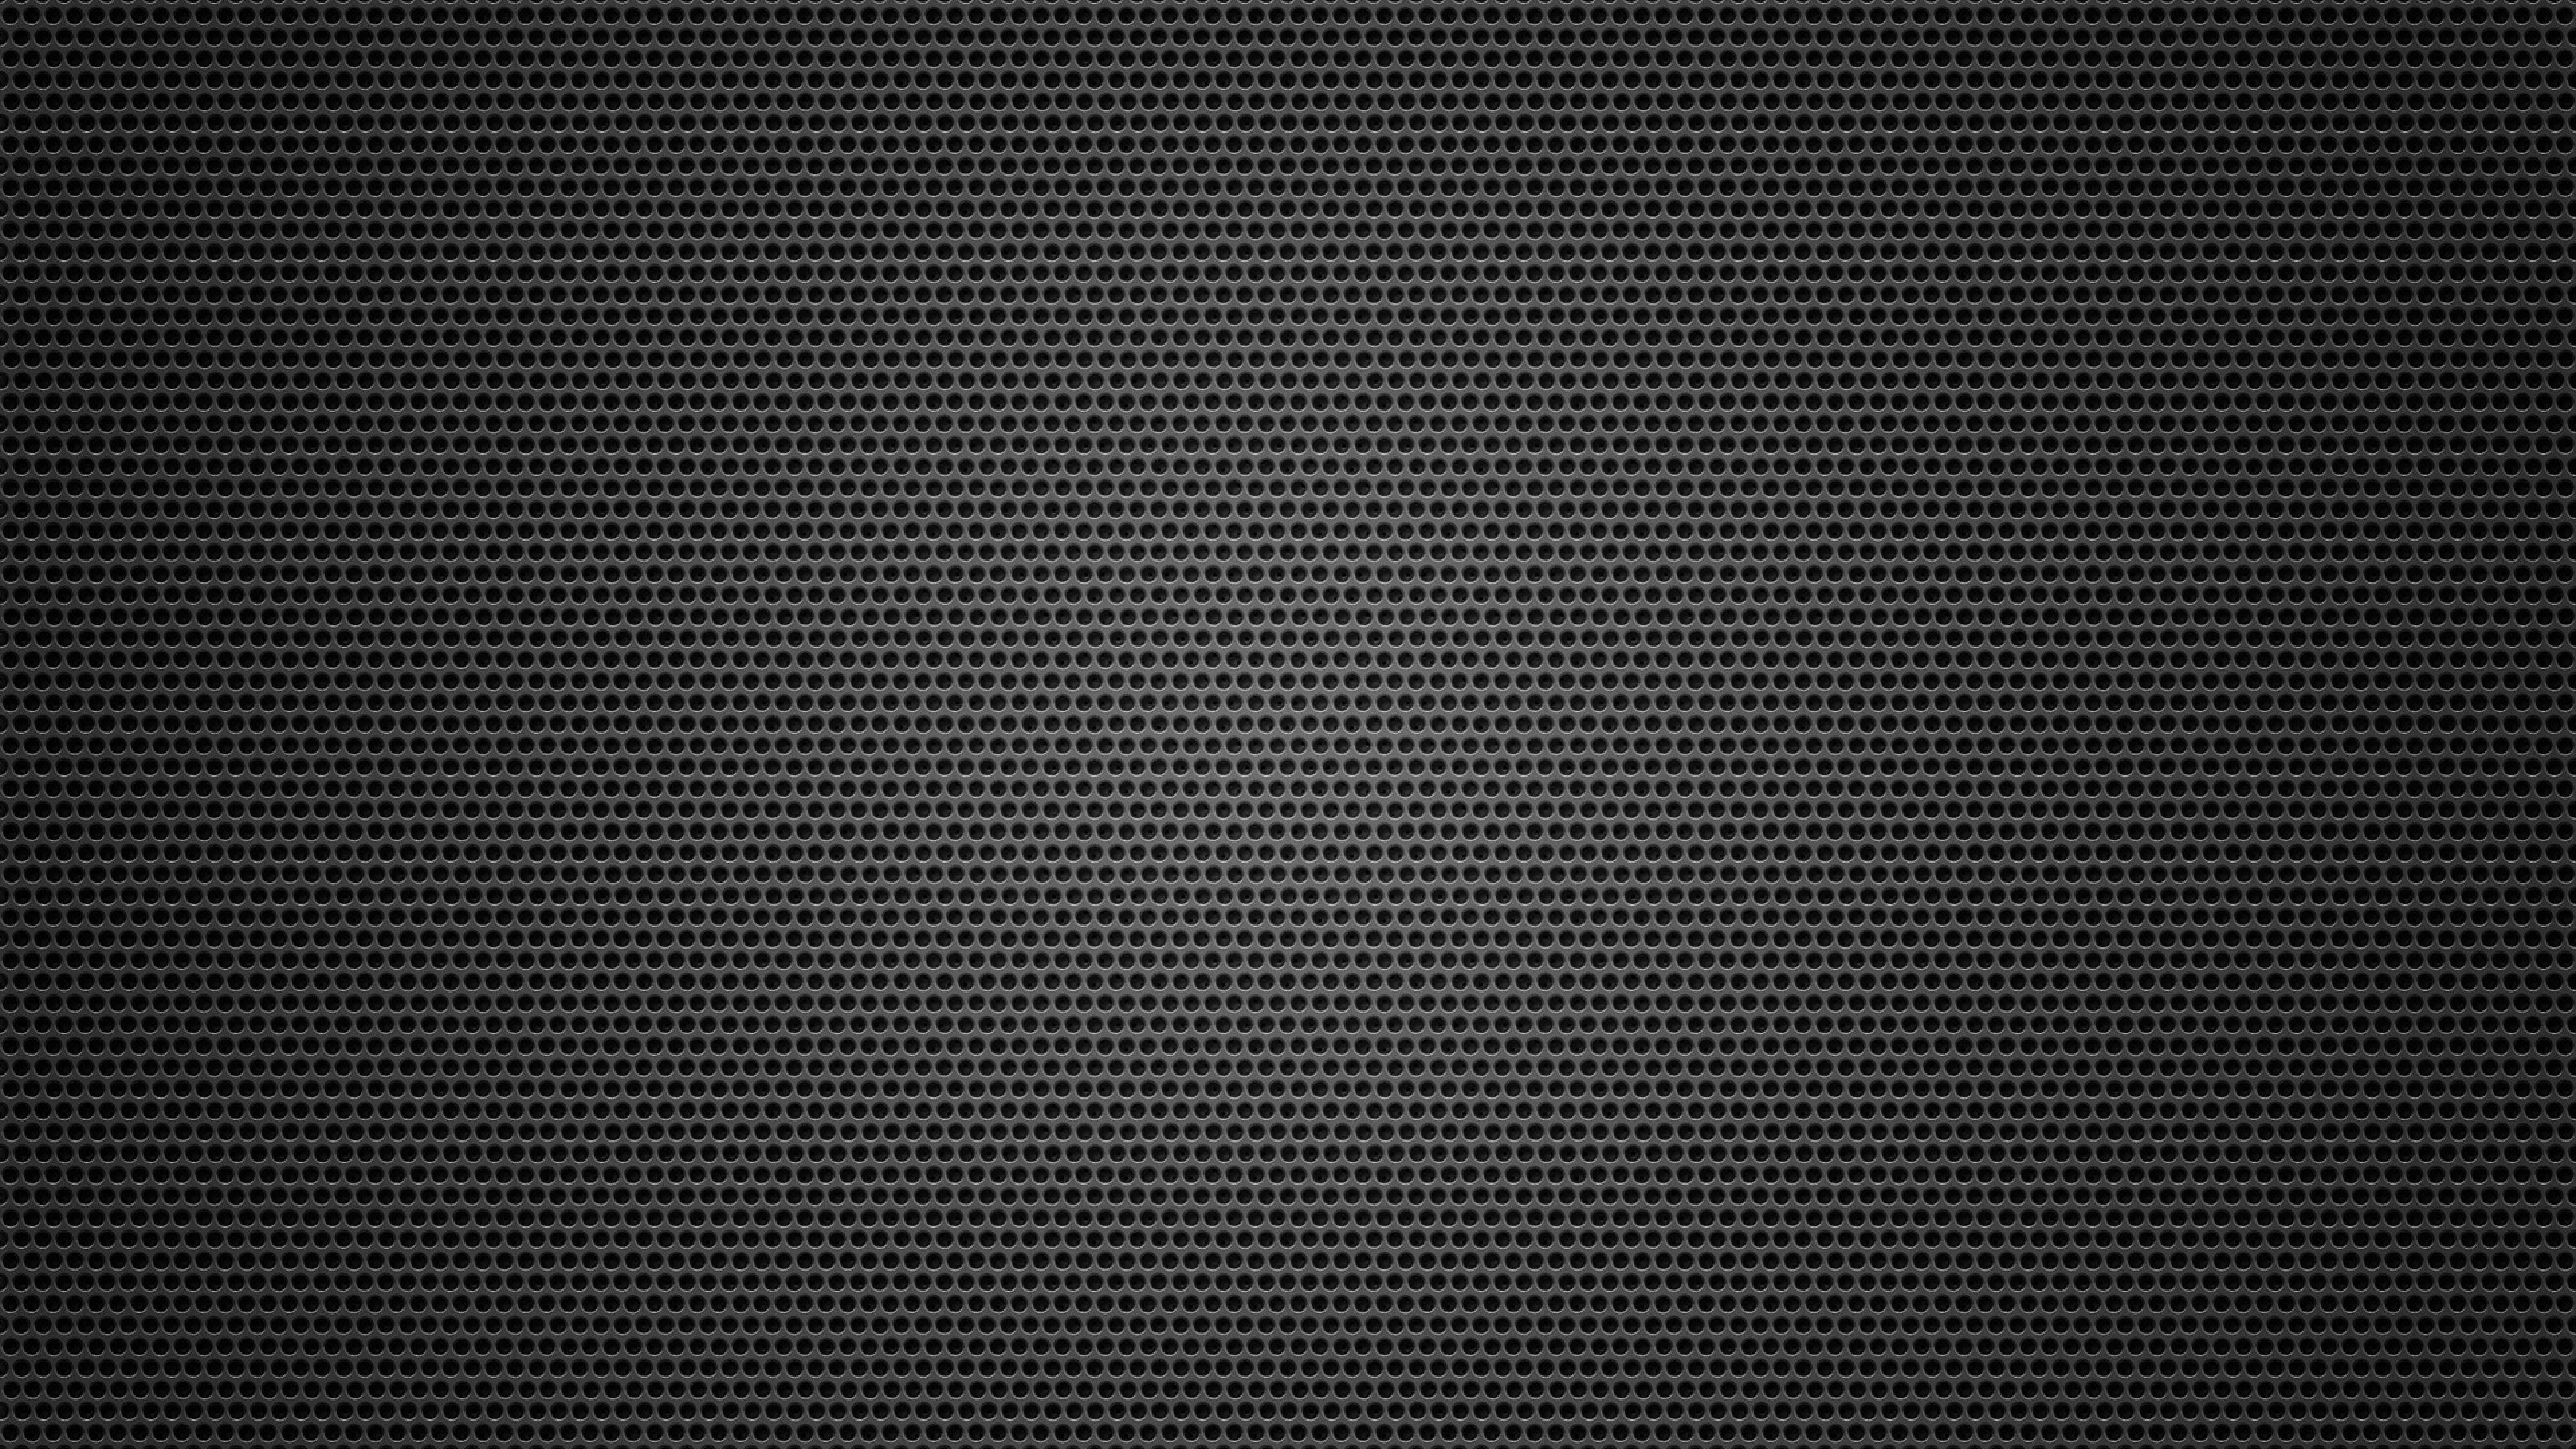 Download Wallpaper 3840x2160 mesh metal circles dark surface 4K 3840x2160